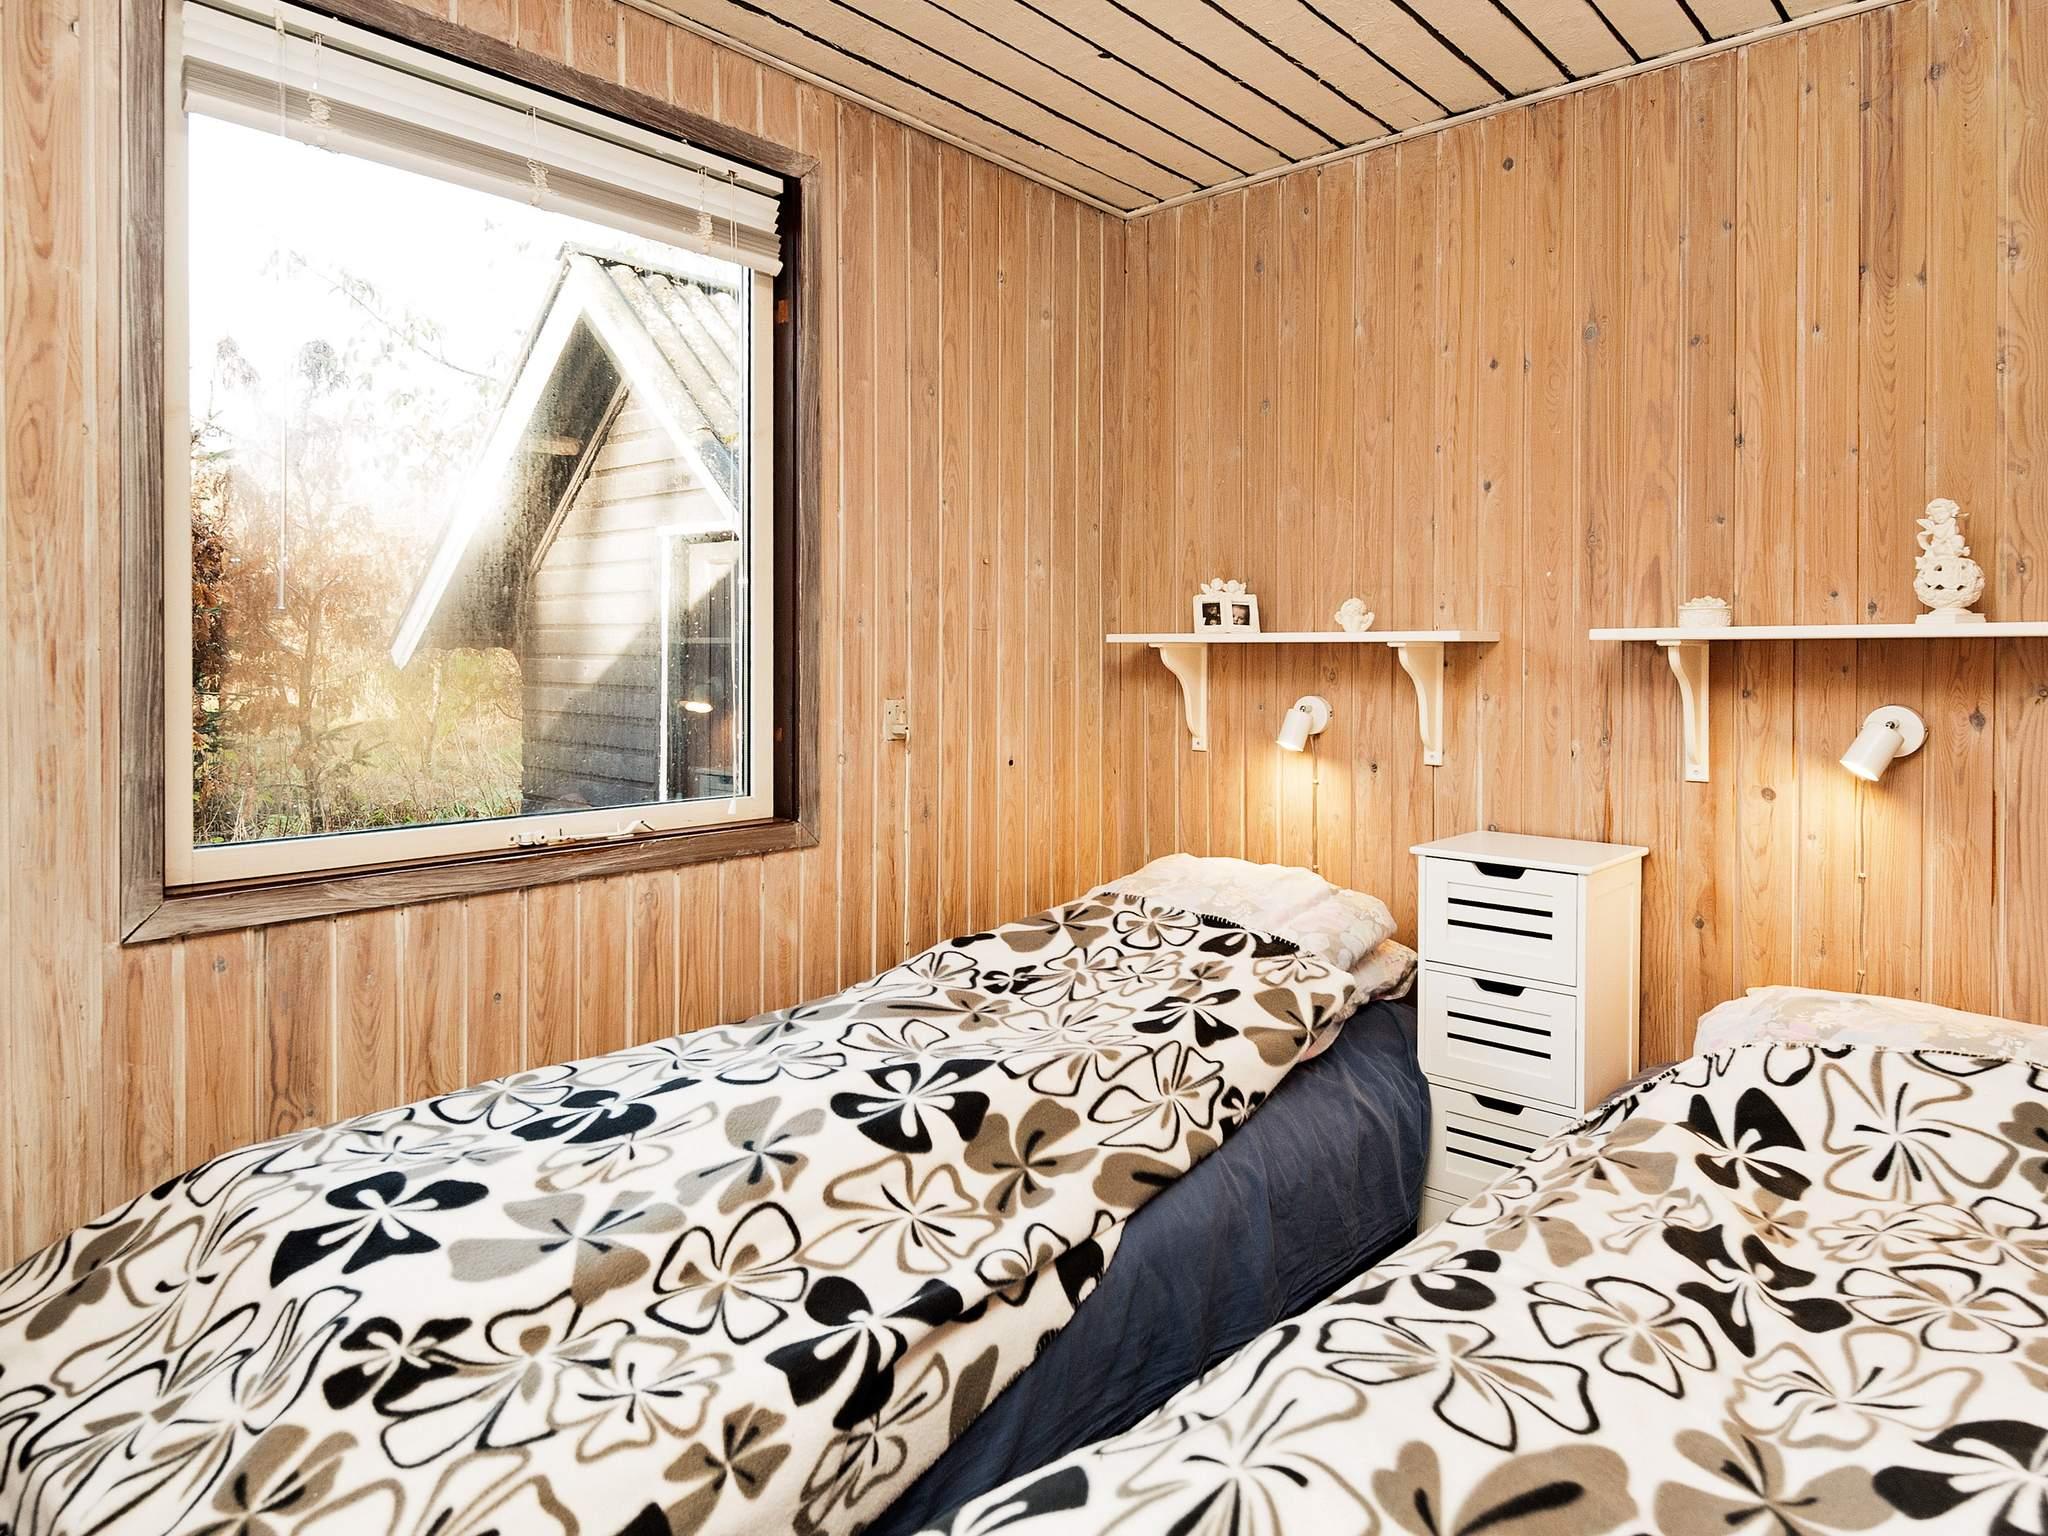 Ferienhaus Silkeborg (125051), Silkeborg, , Ostjütland, Dänemark, Bild 12